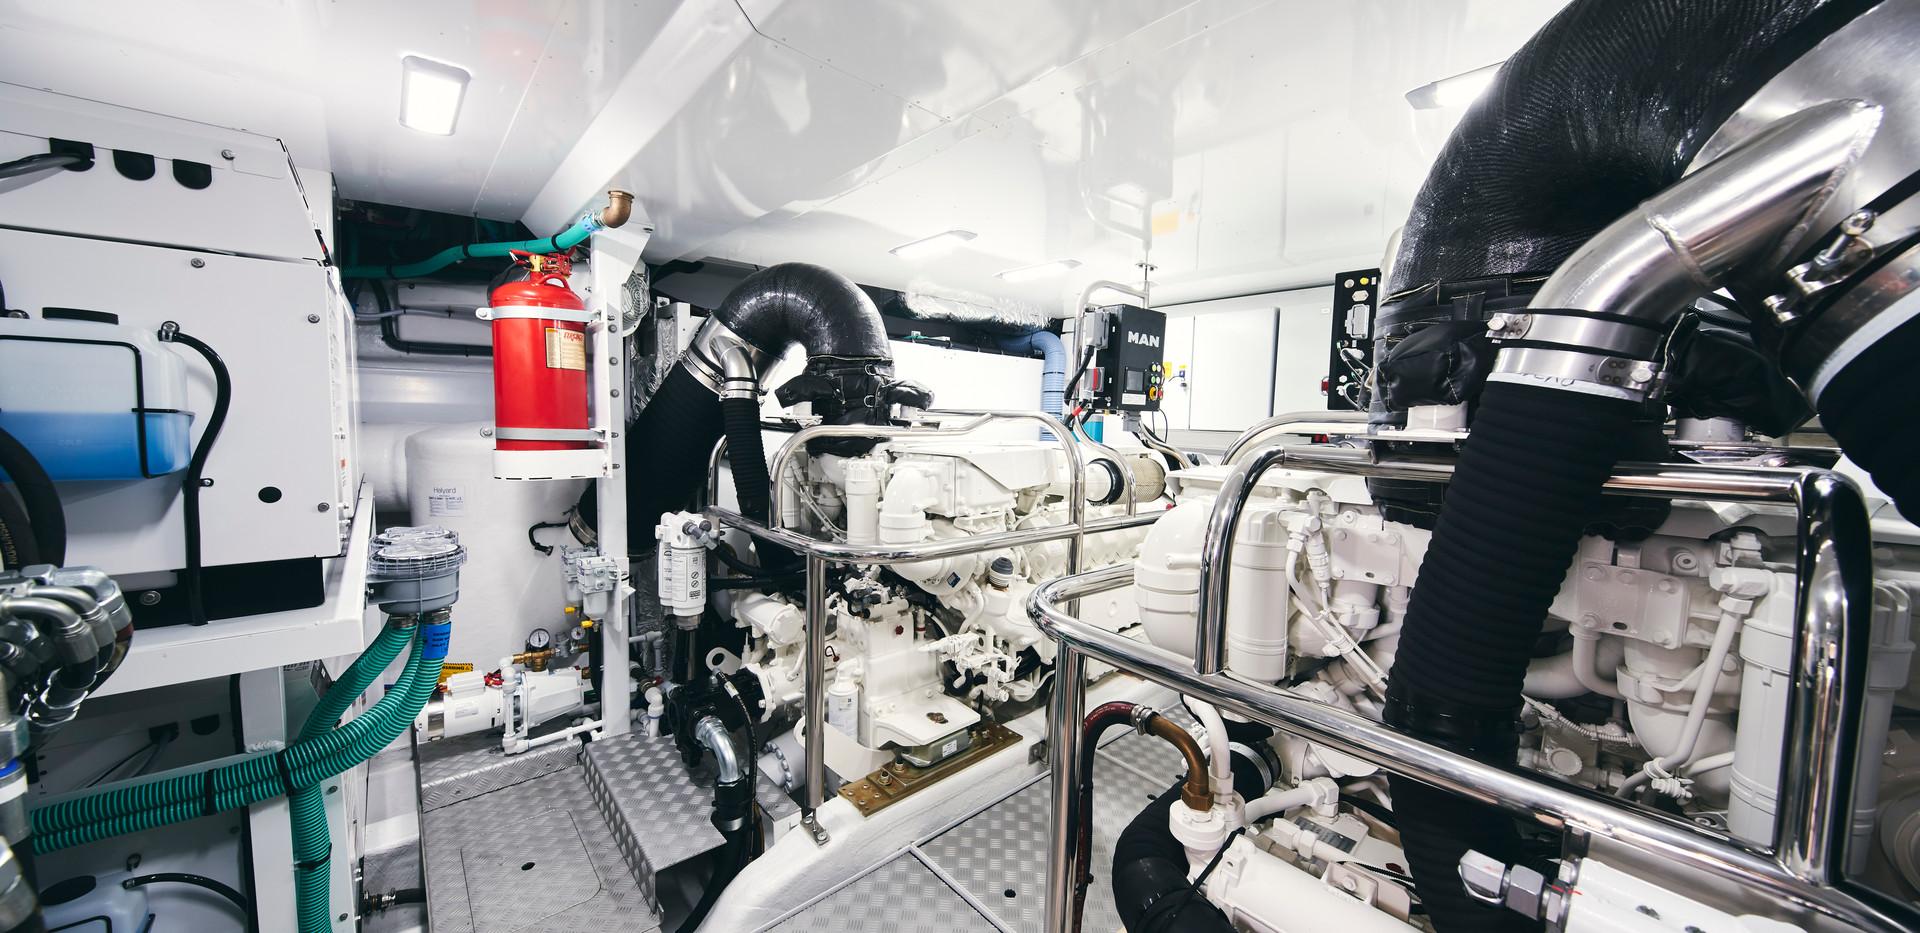 y78-interior-engine-room.jpg